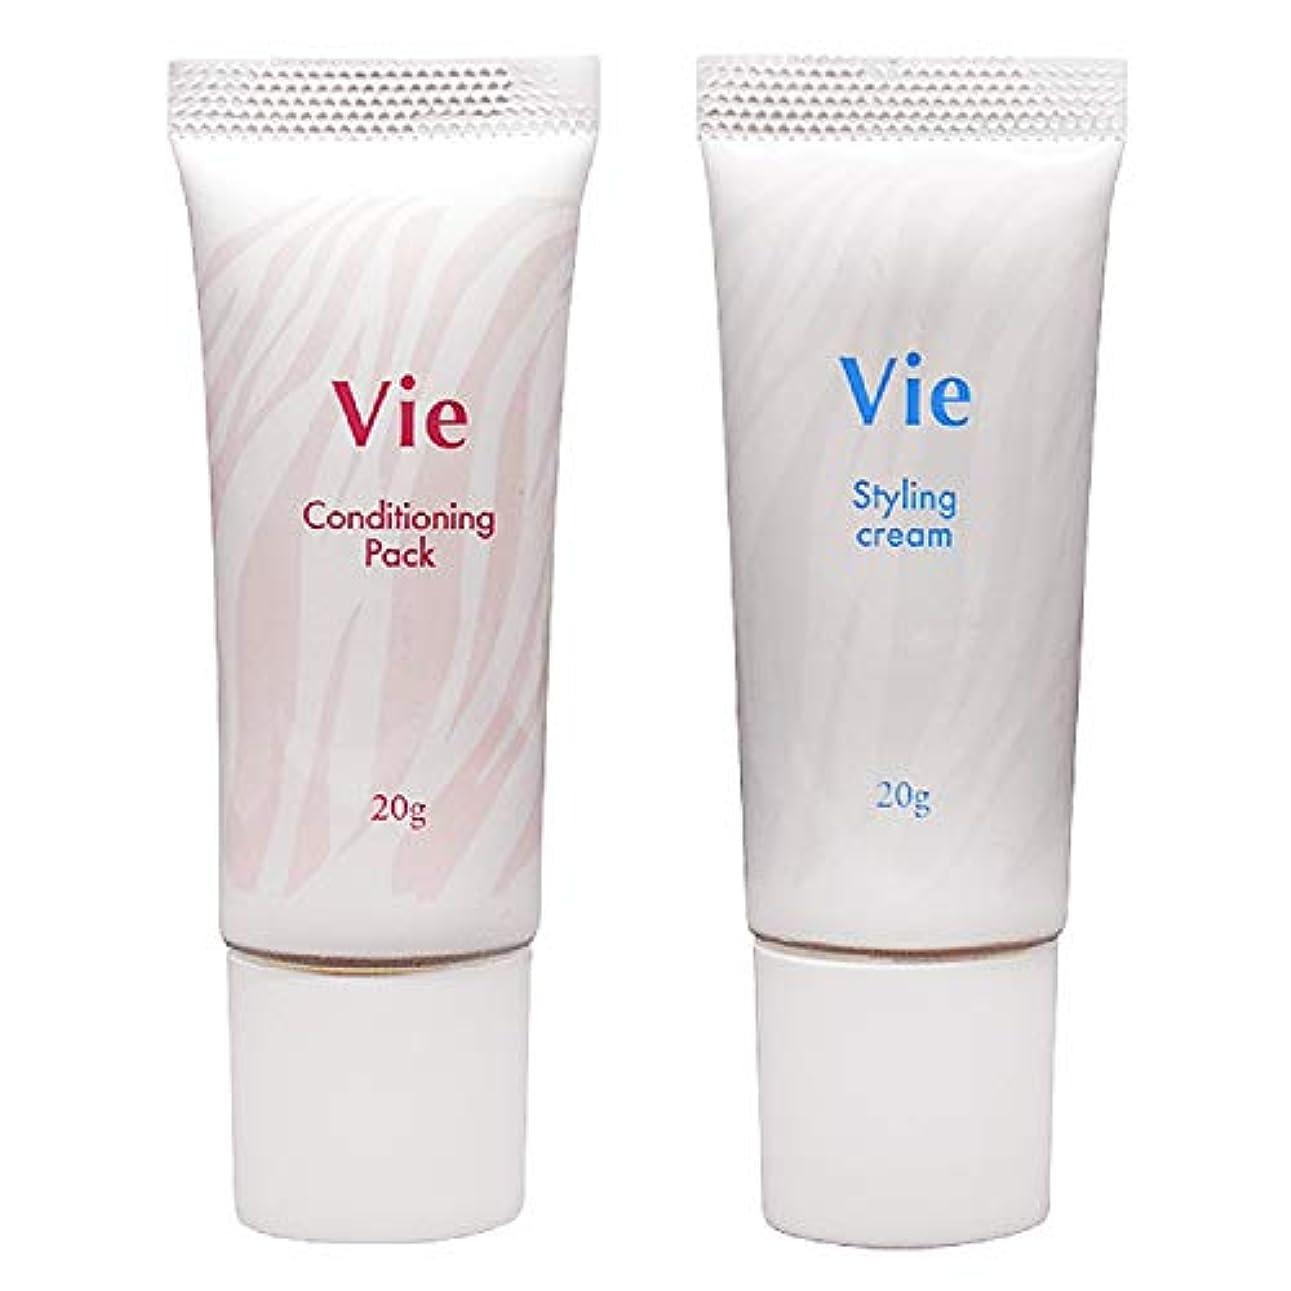 発症振りかけるうめき声Vie コンディショニングパック 20g + スタイリングクリーム20g セット